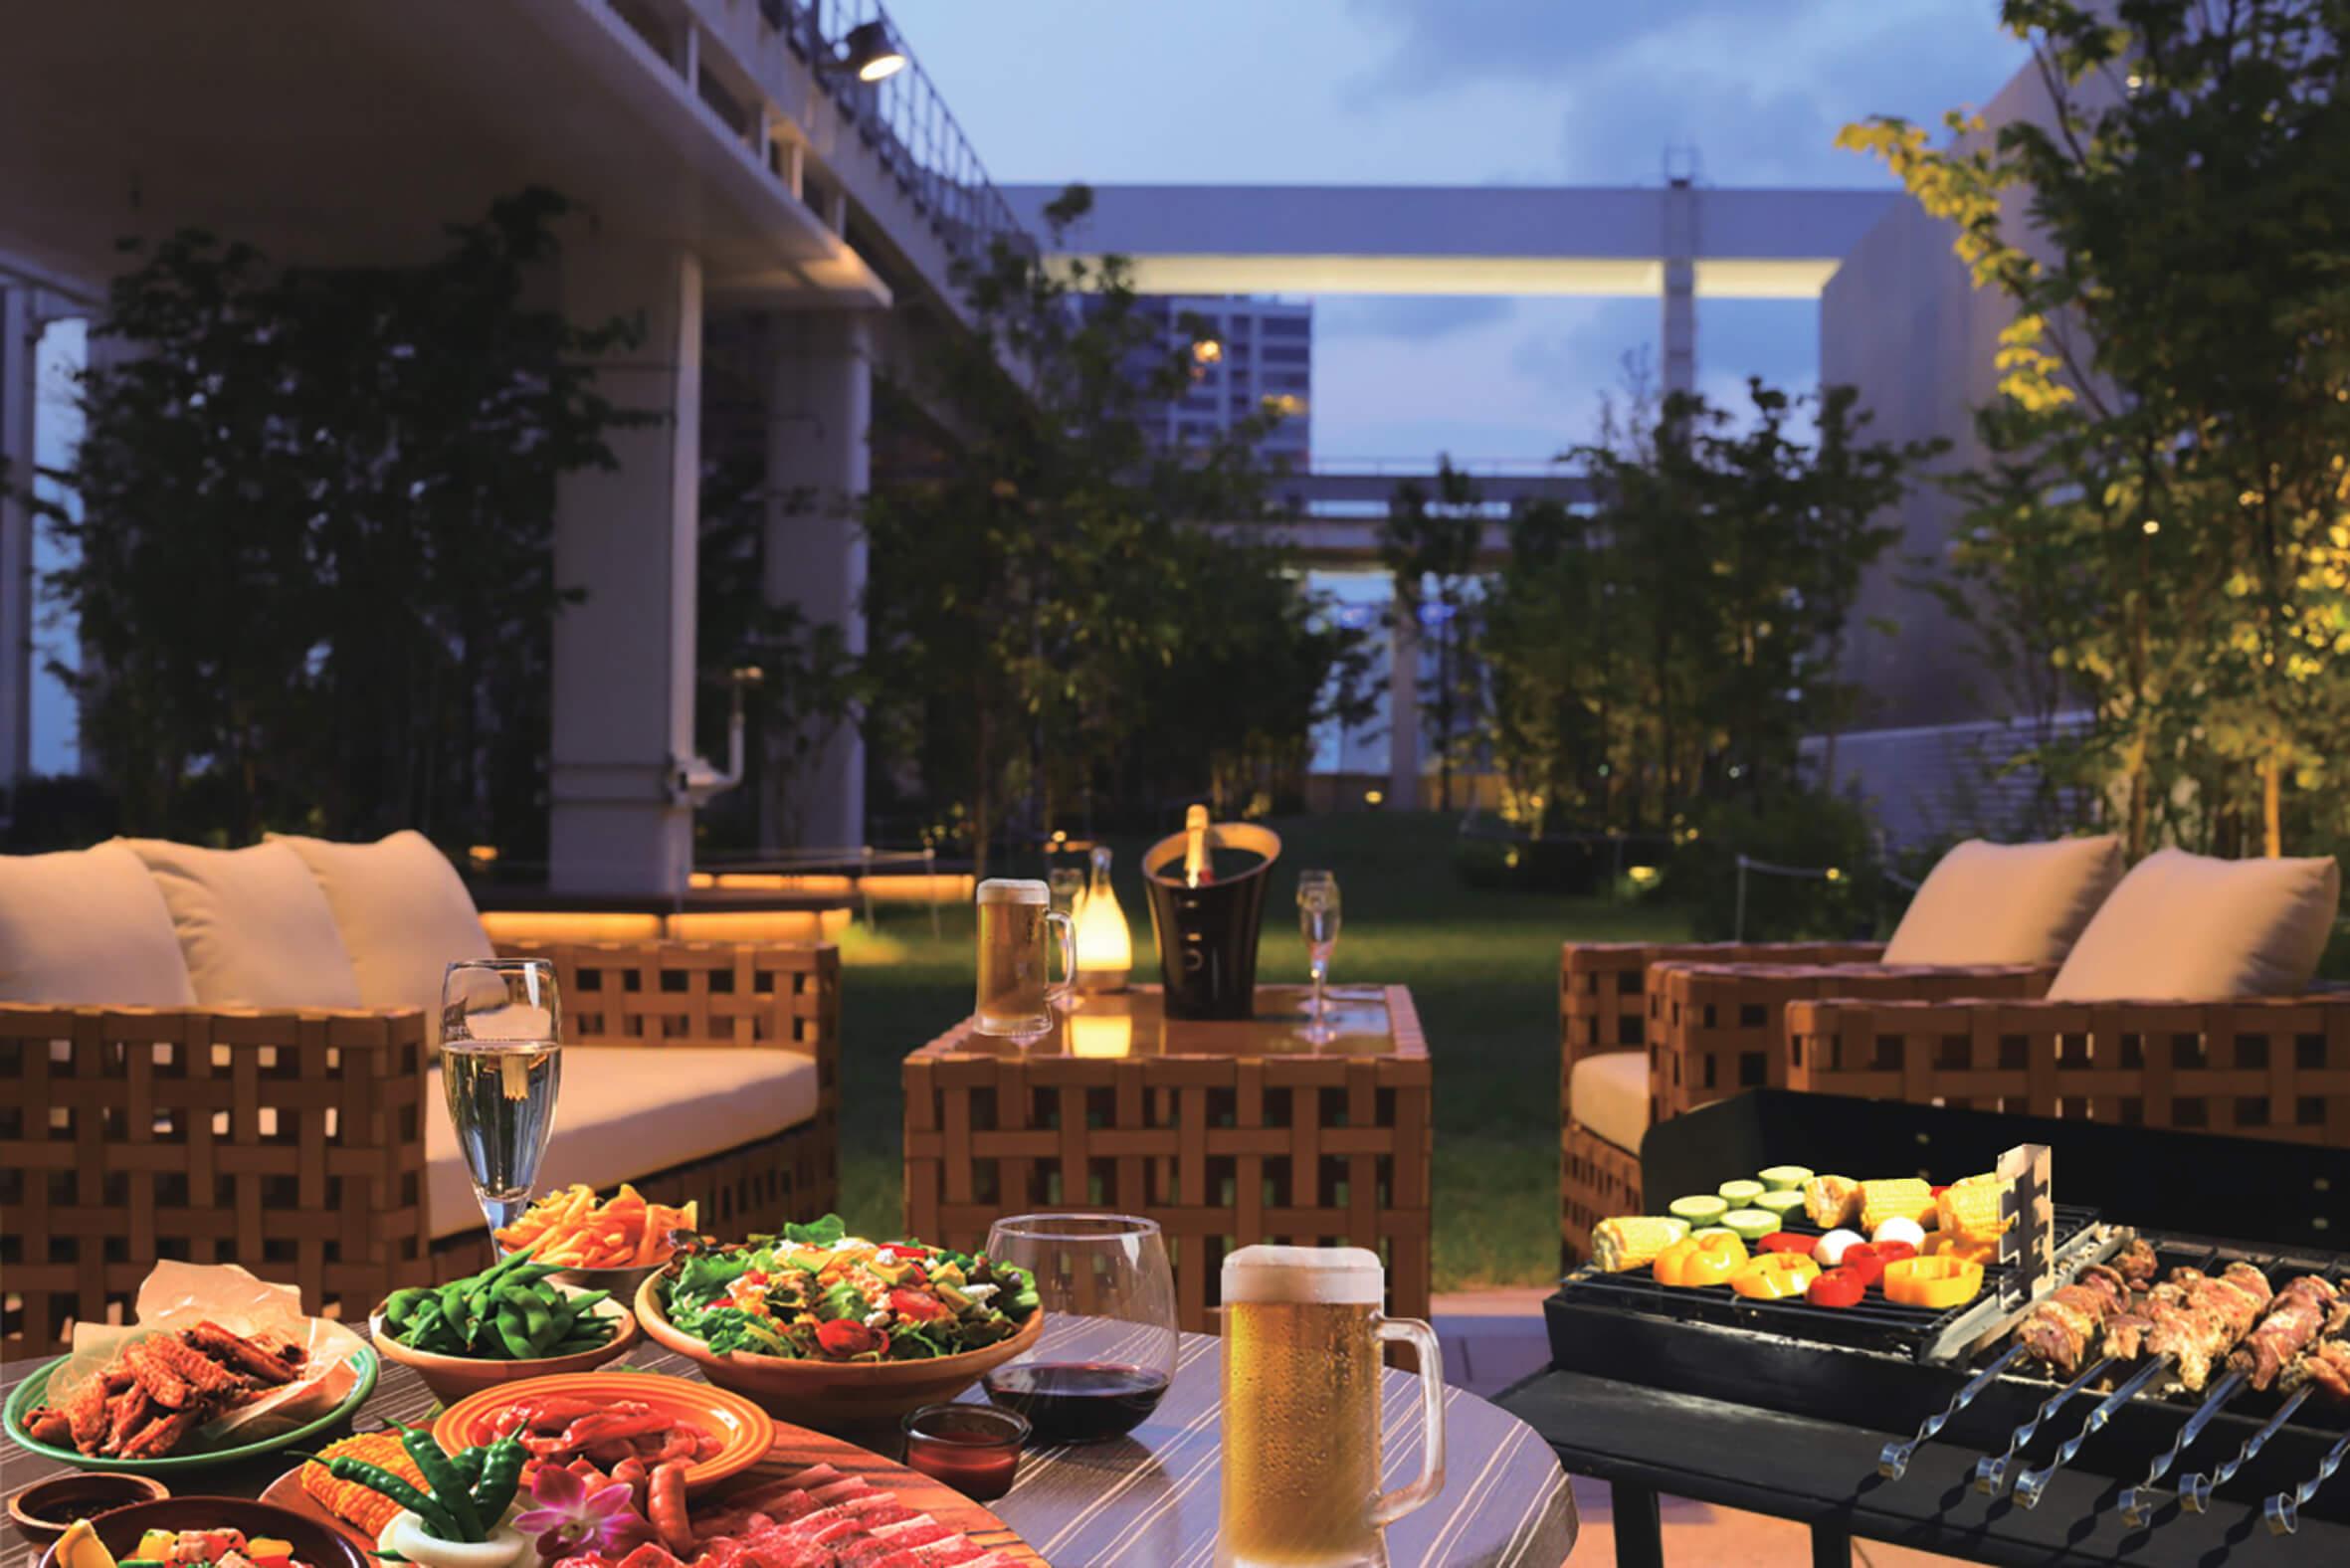 露天酒吧於六本木的屋頂庭園新開幕!兩手空空輕鬆去烤肉吧 在六本木、酒吧、